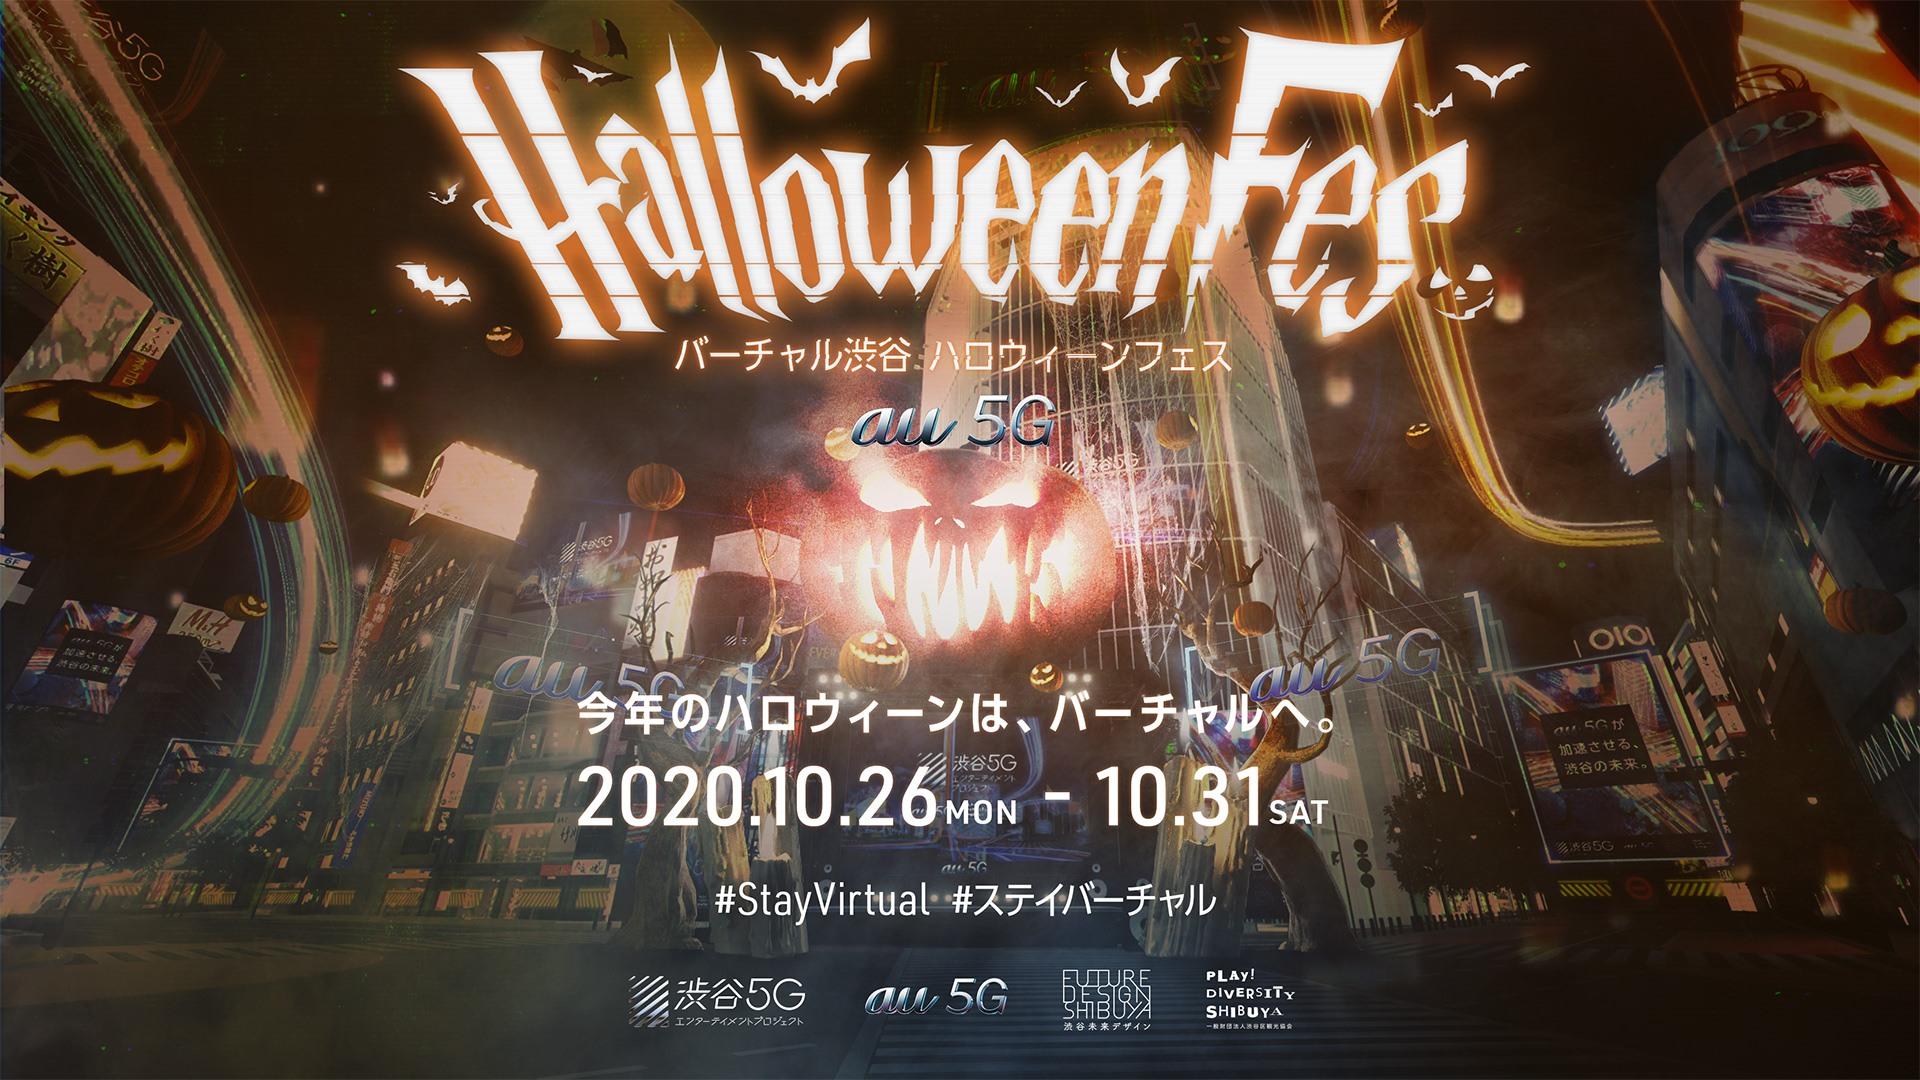 バーチャルで渋谷ハロウィーン Virtual Shibuya Halloween 虛擬澀谷 萬聖節